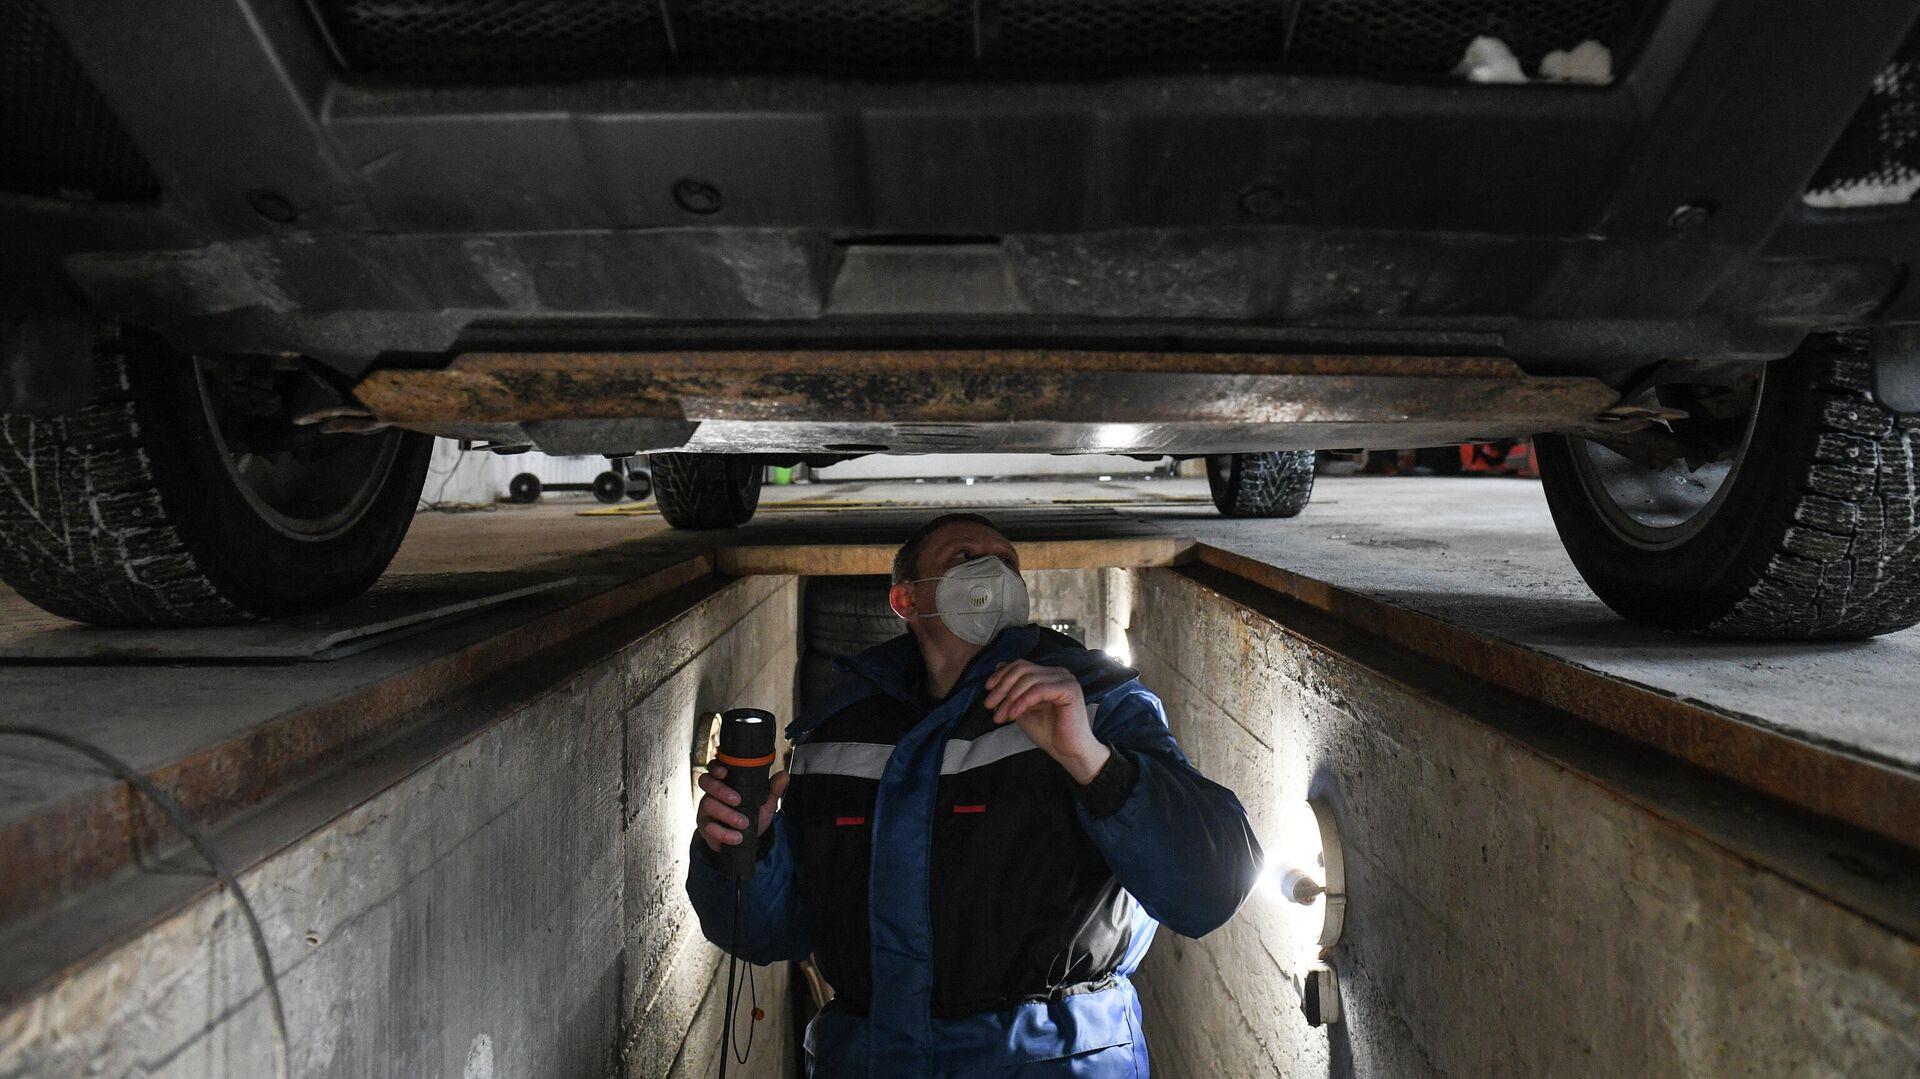 Технический эксперт проводит осмотр автомобиля на пункте технического осмотра - РИА Новости, 1920, 10.06.2021